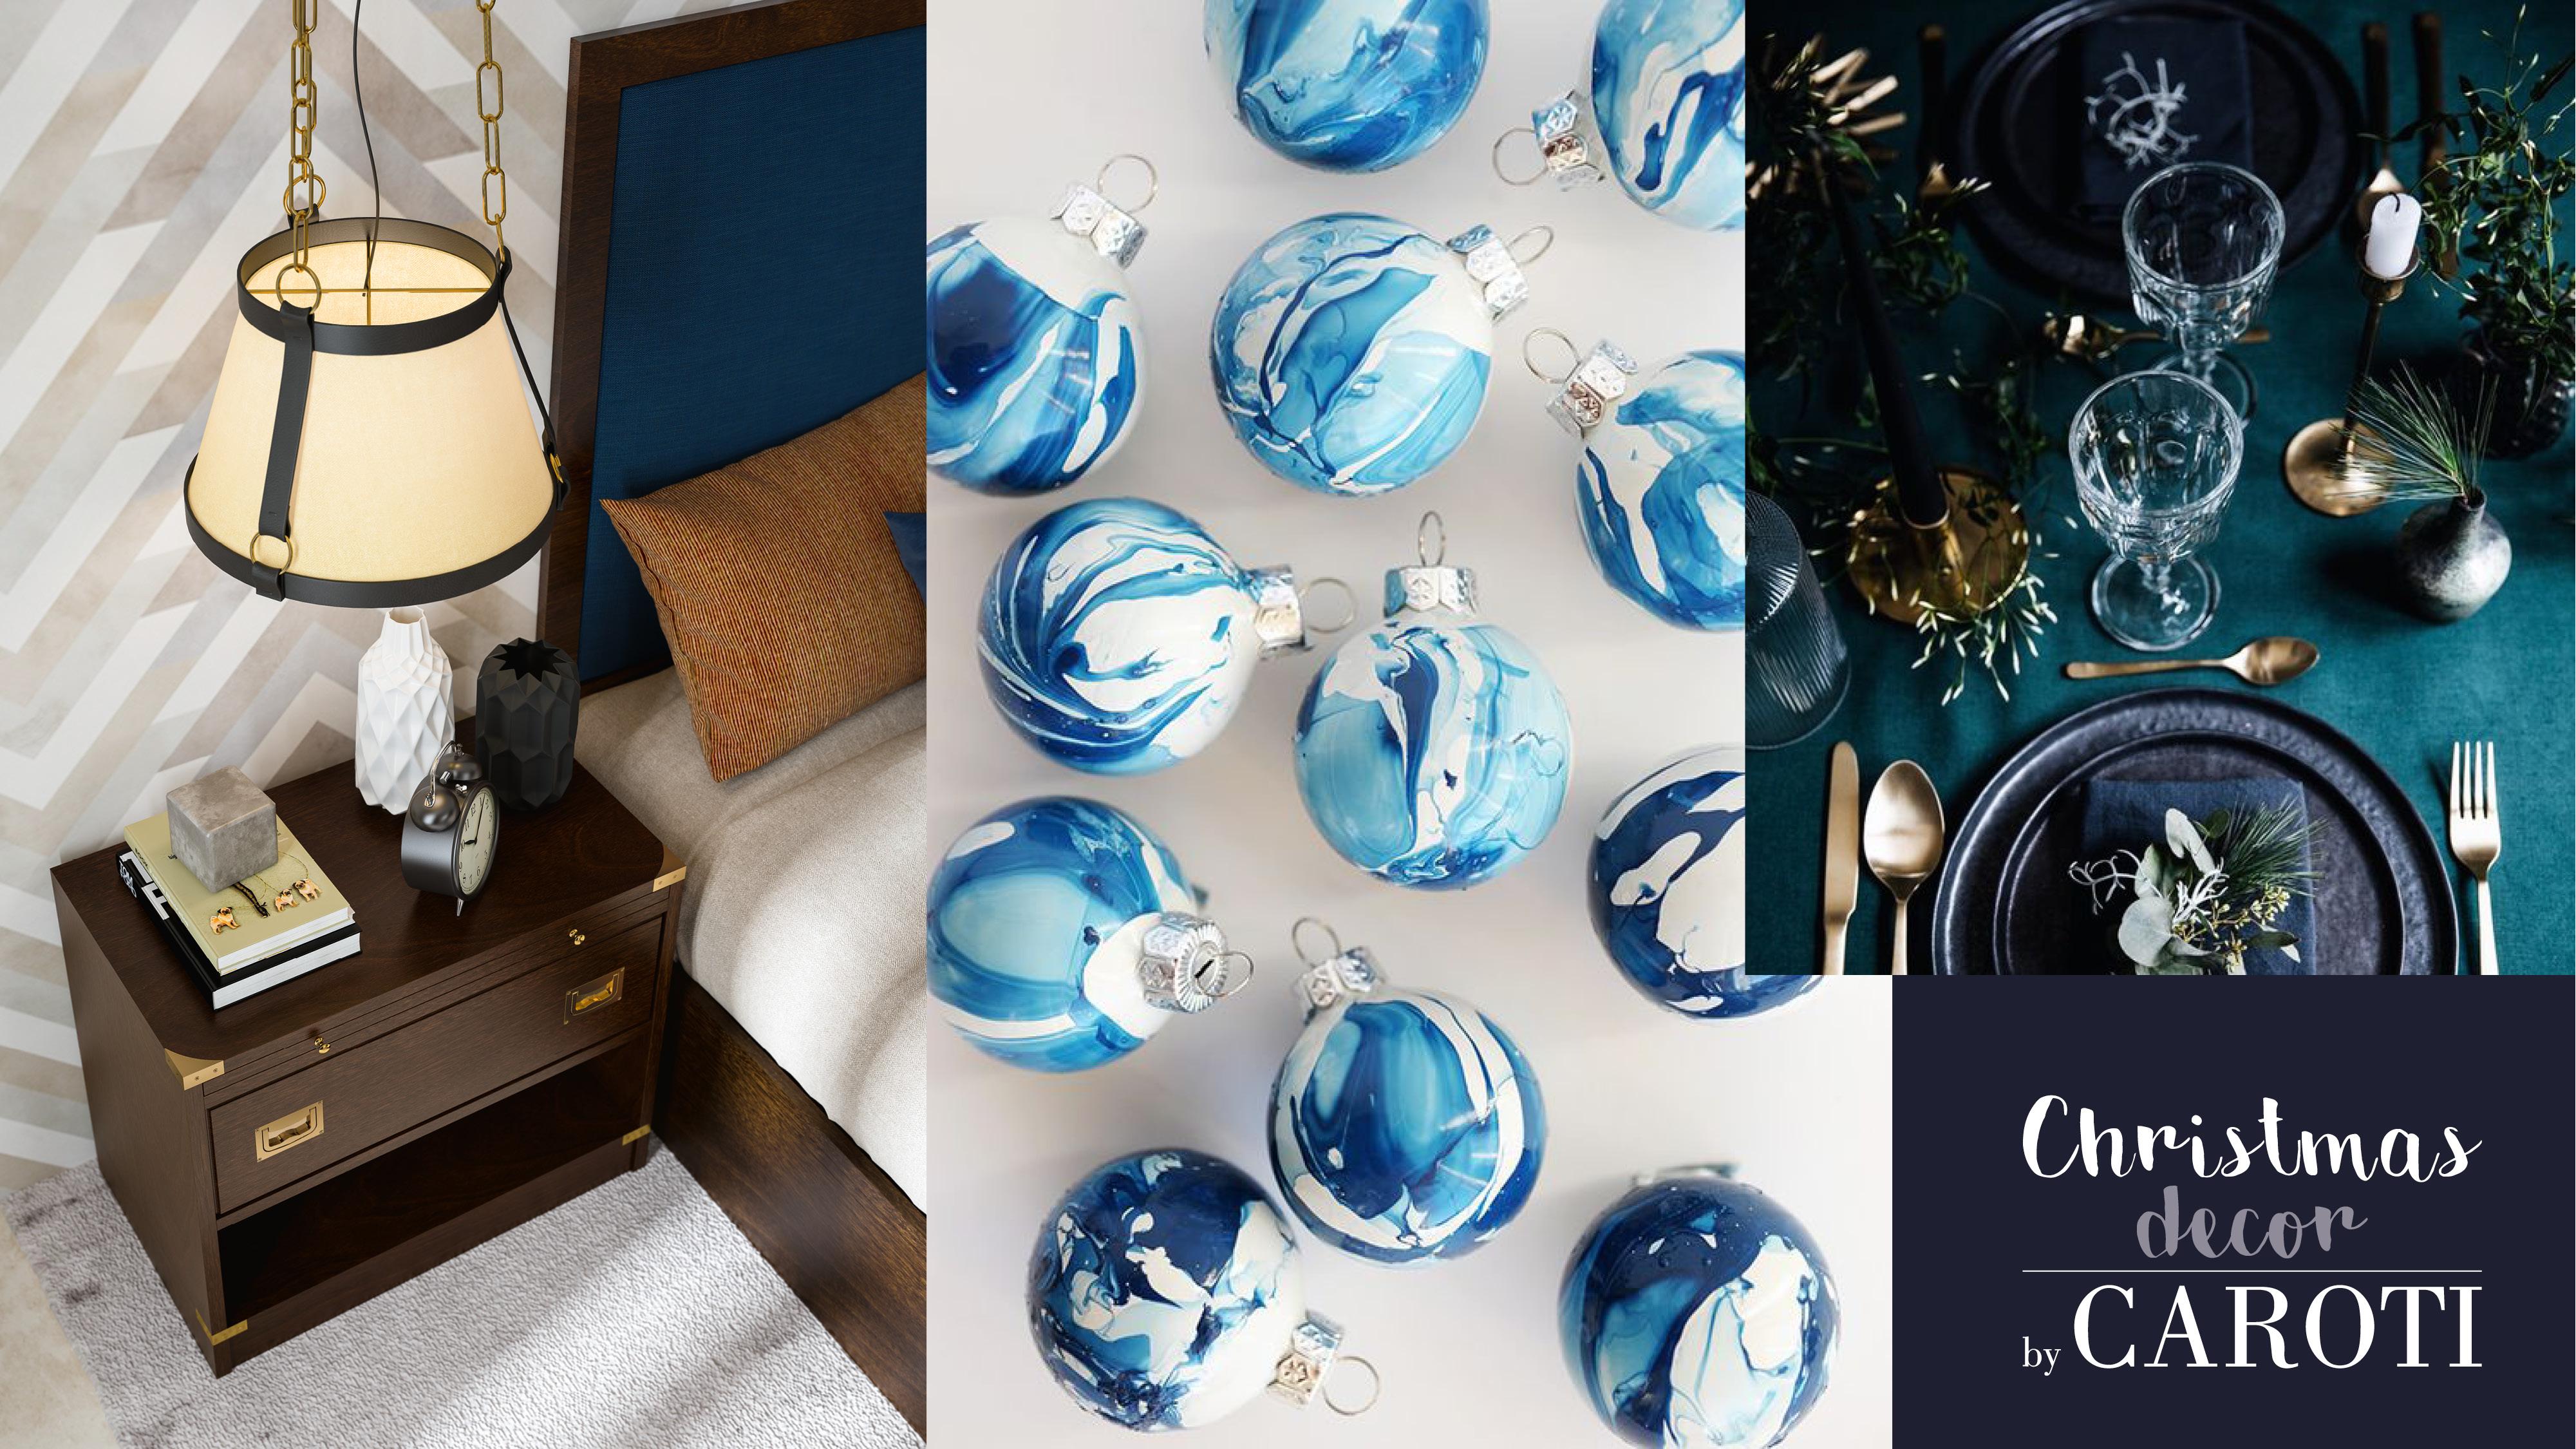 idee per decorare a natale in stile glam blu prussia by caroti